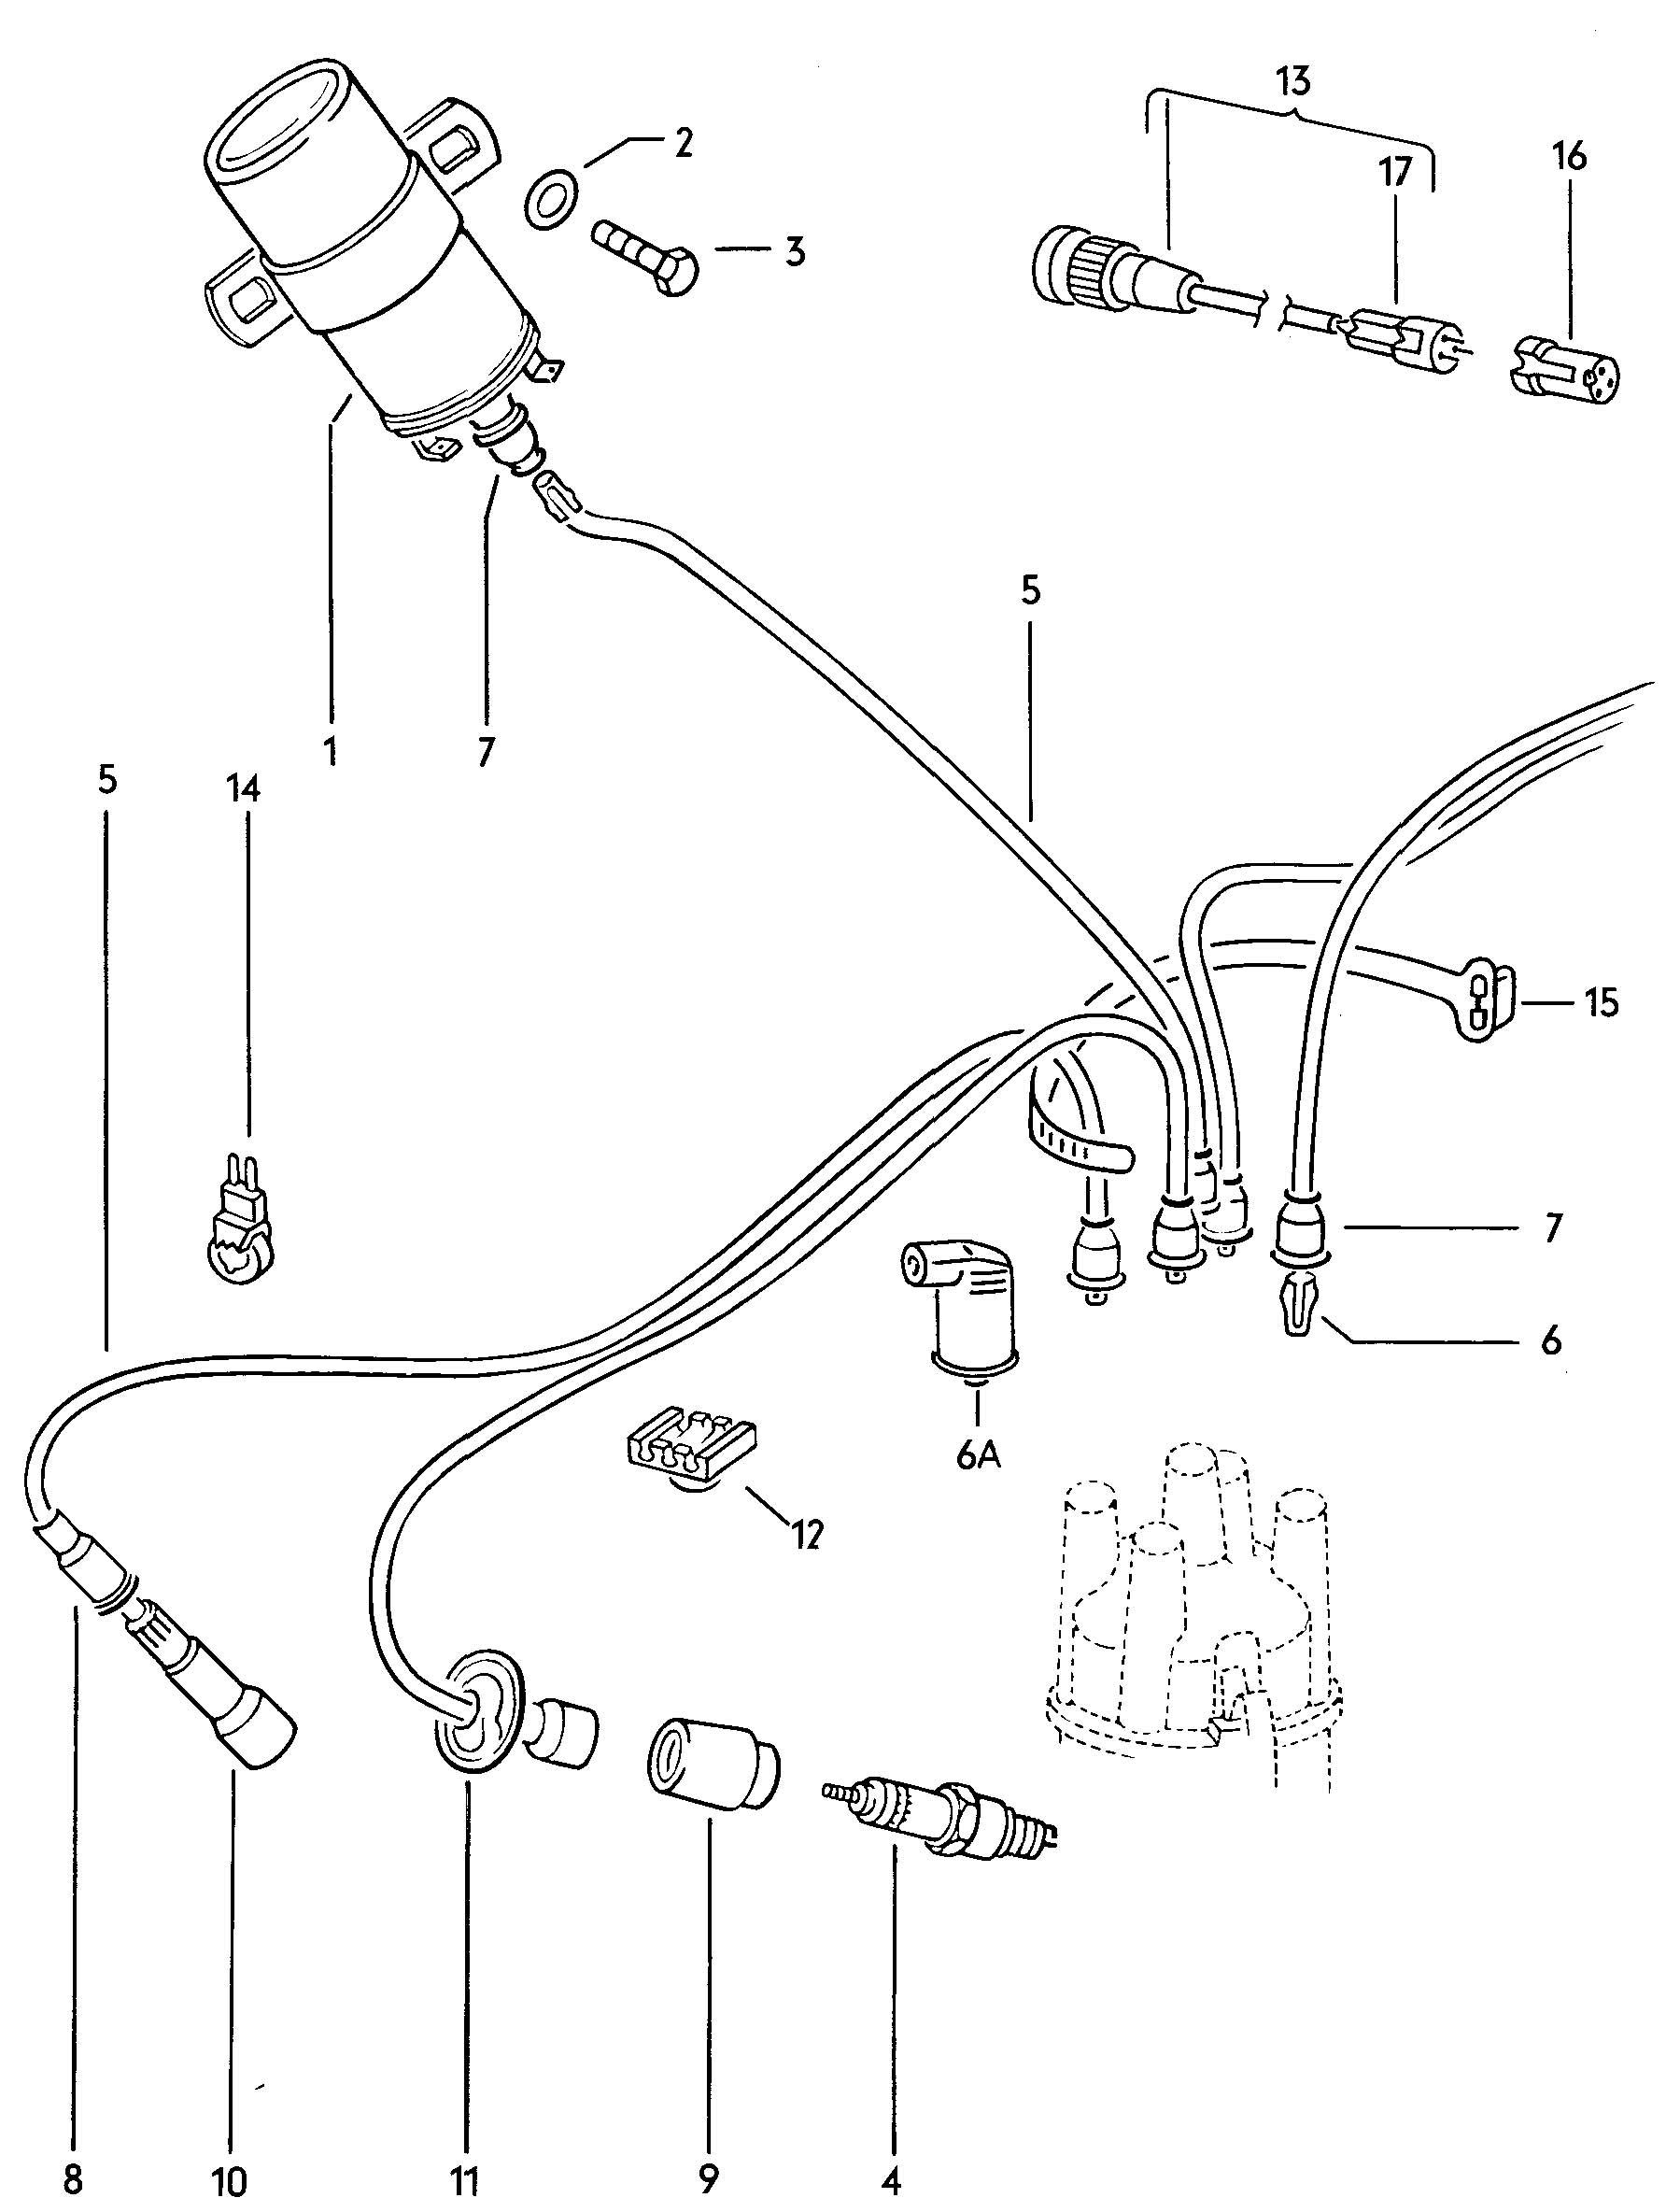 letrika alternator wiring diagram rh supervoca net letrika alternator wiring diagram aak3330 Jeep Alternator Wiring Diagram